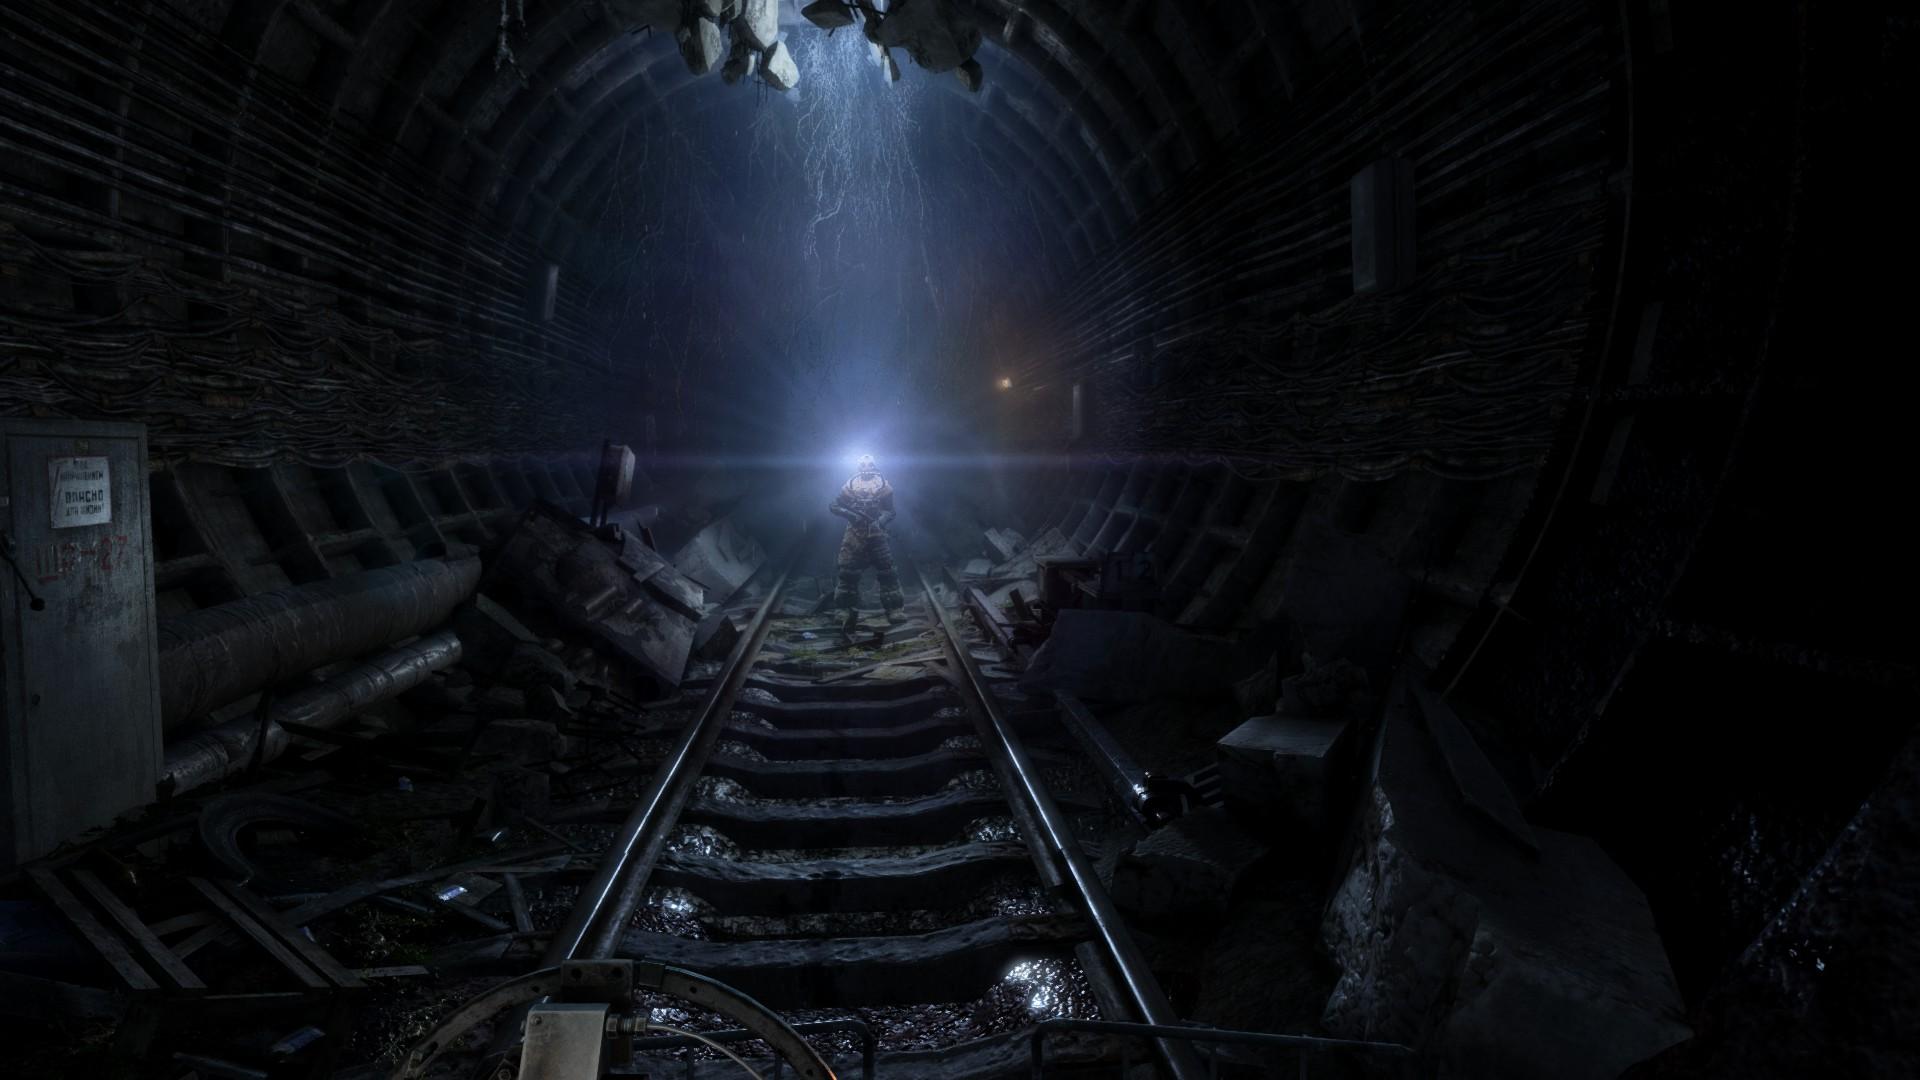 Metro 2033 Wallpaper Hd Final Moments Of Metro Last Light News Le Fancy